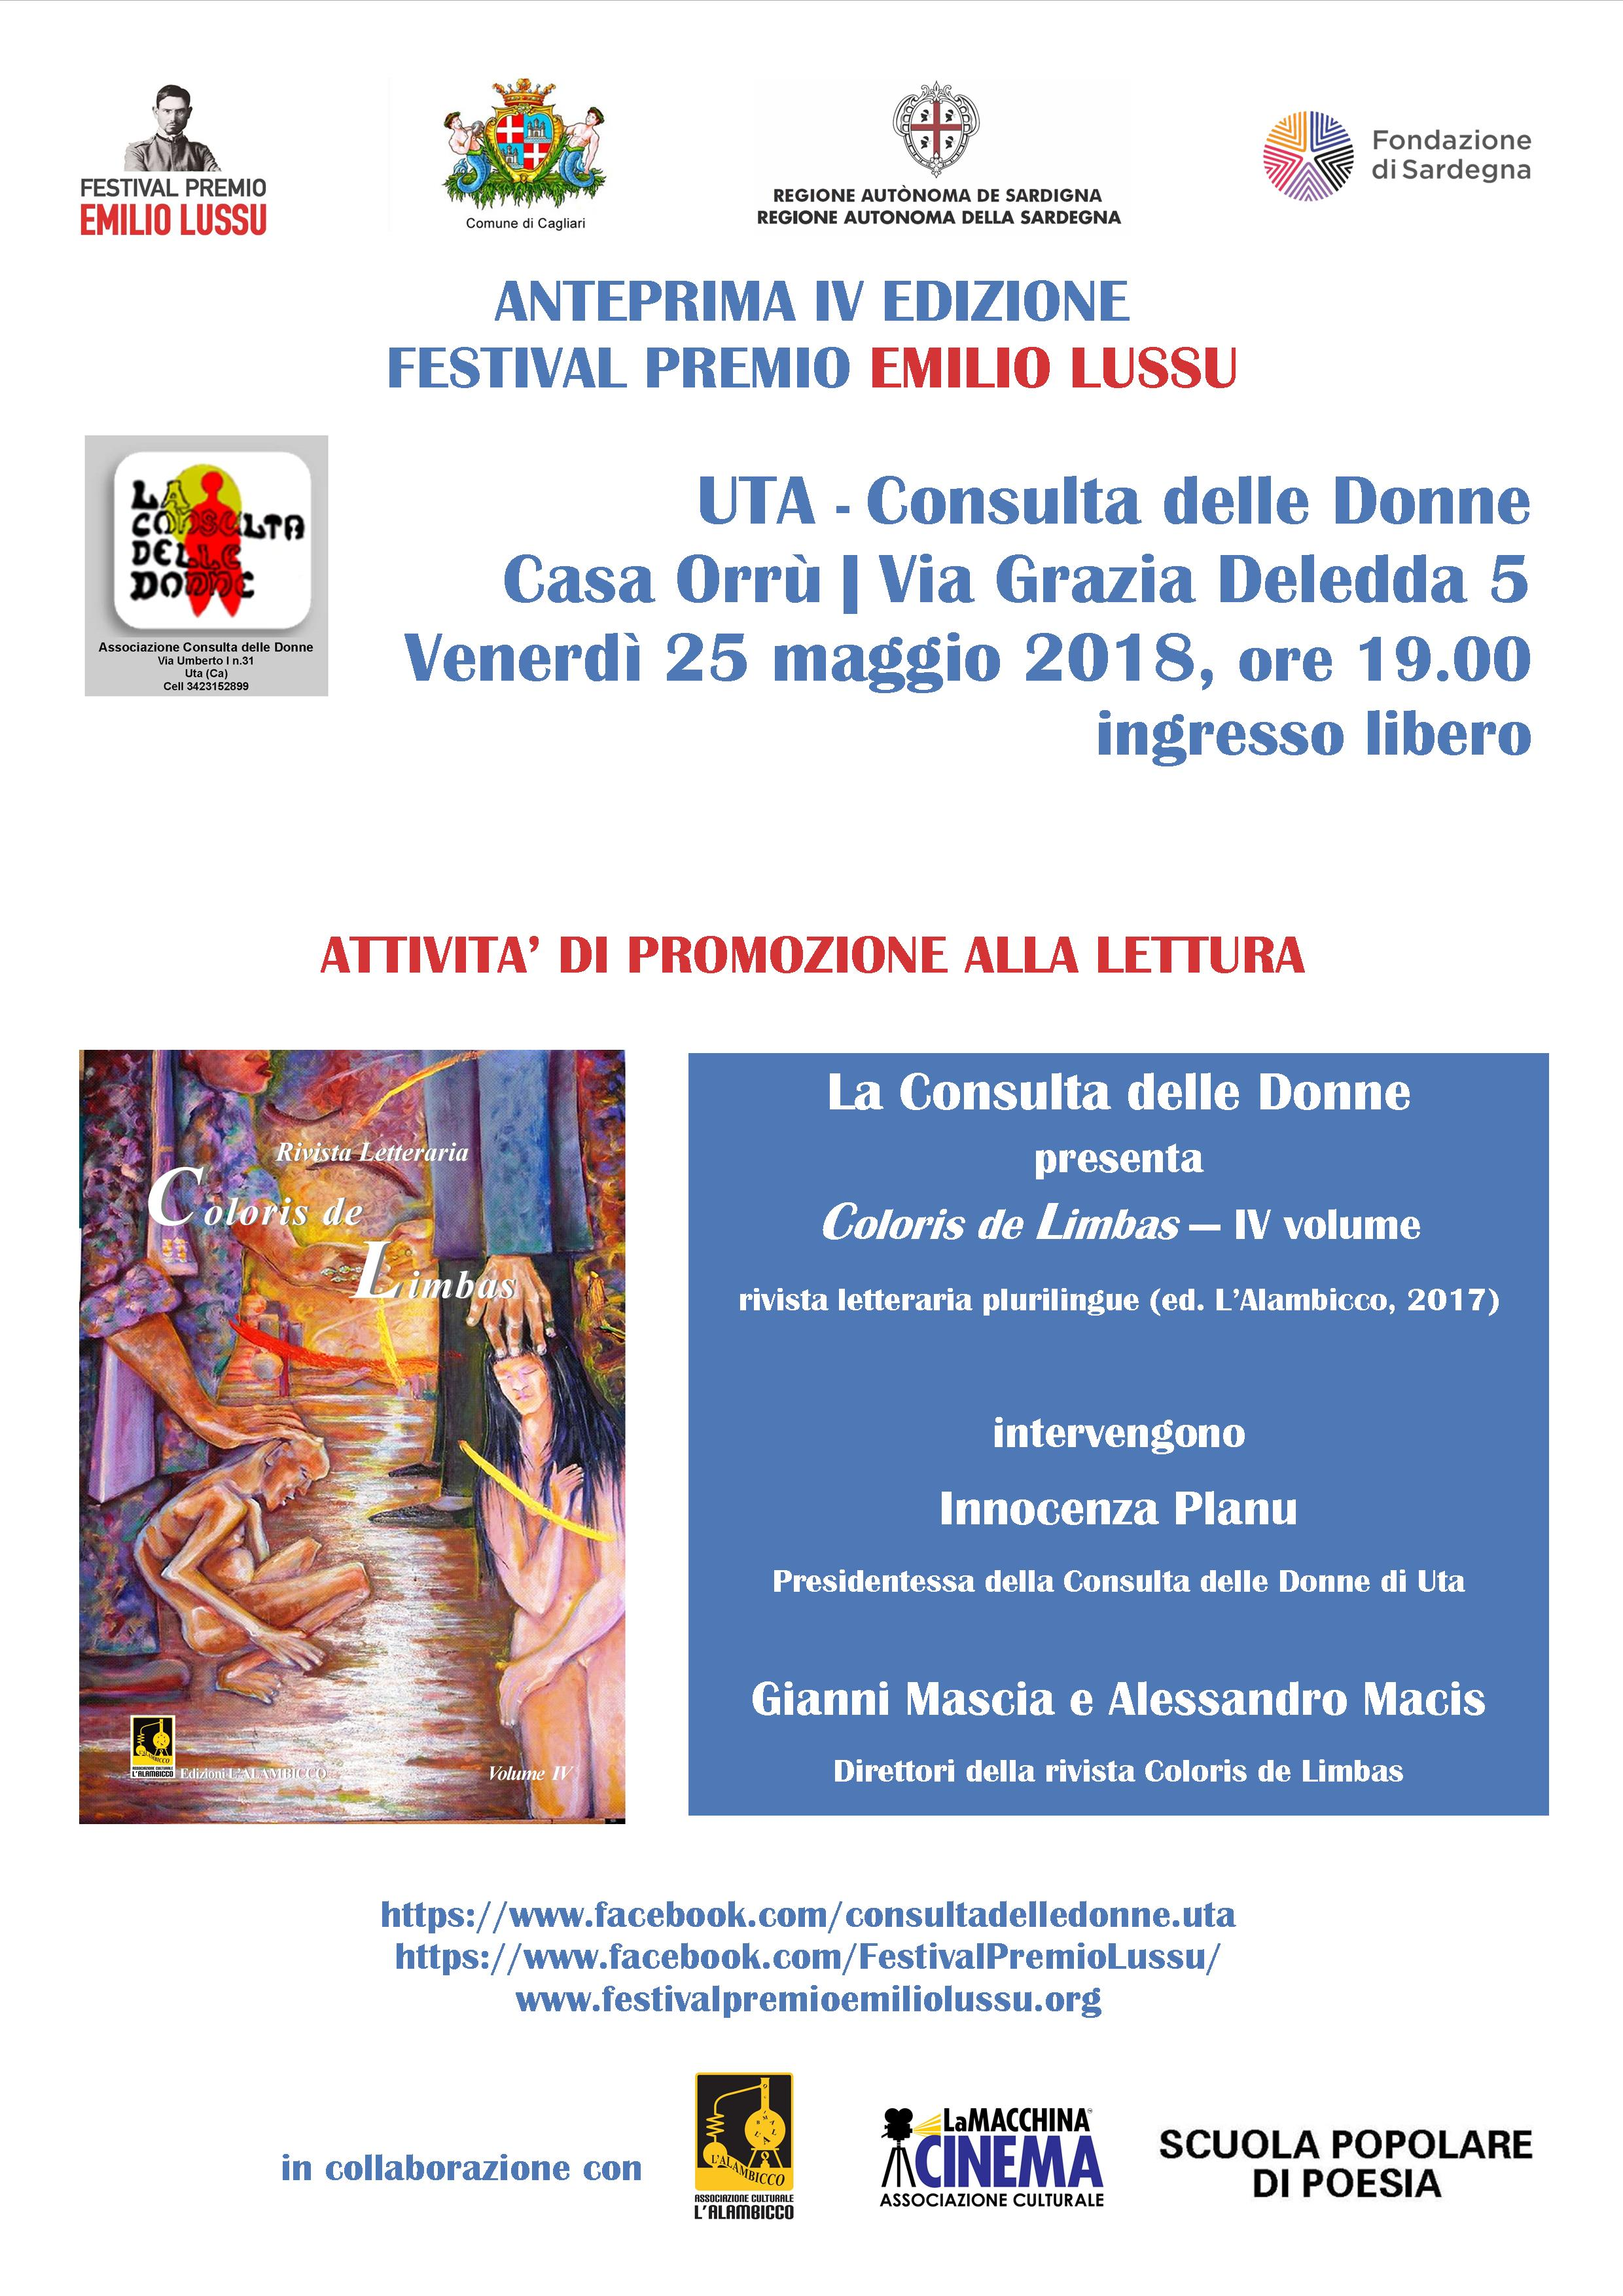 Anteprima IV Edizione Festival Premio Emilio Lussu A Uta (Ca) Con Coloris De Limbas